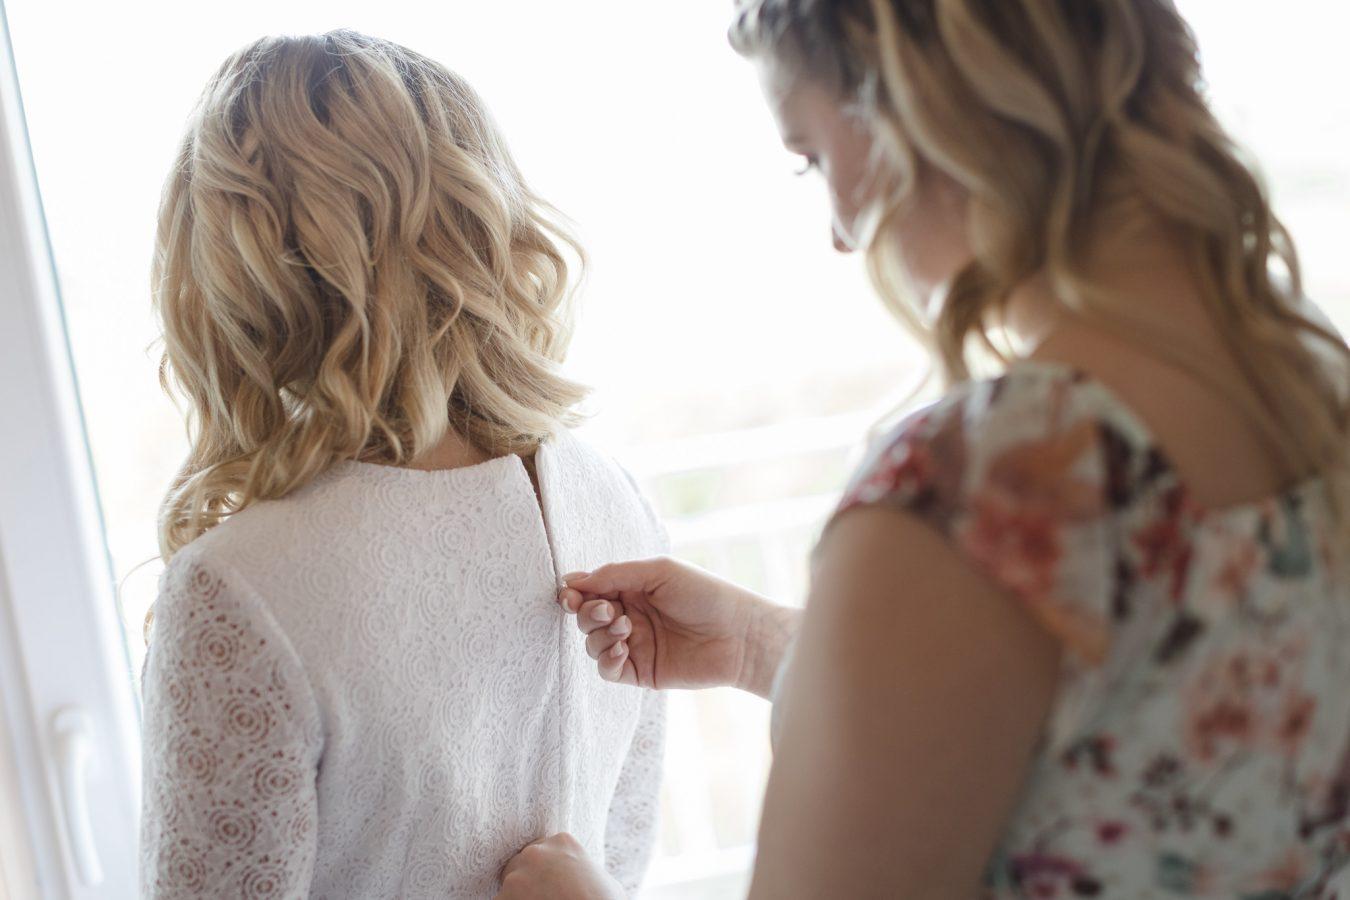 Hochzeitsfotograf Hamburg - Strandhochzeit - Trauzeugin schließt das Kleid der Braut